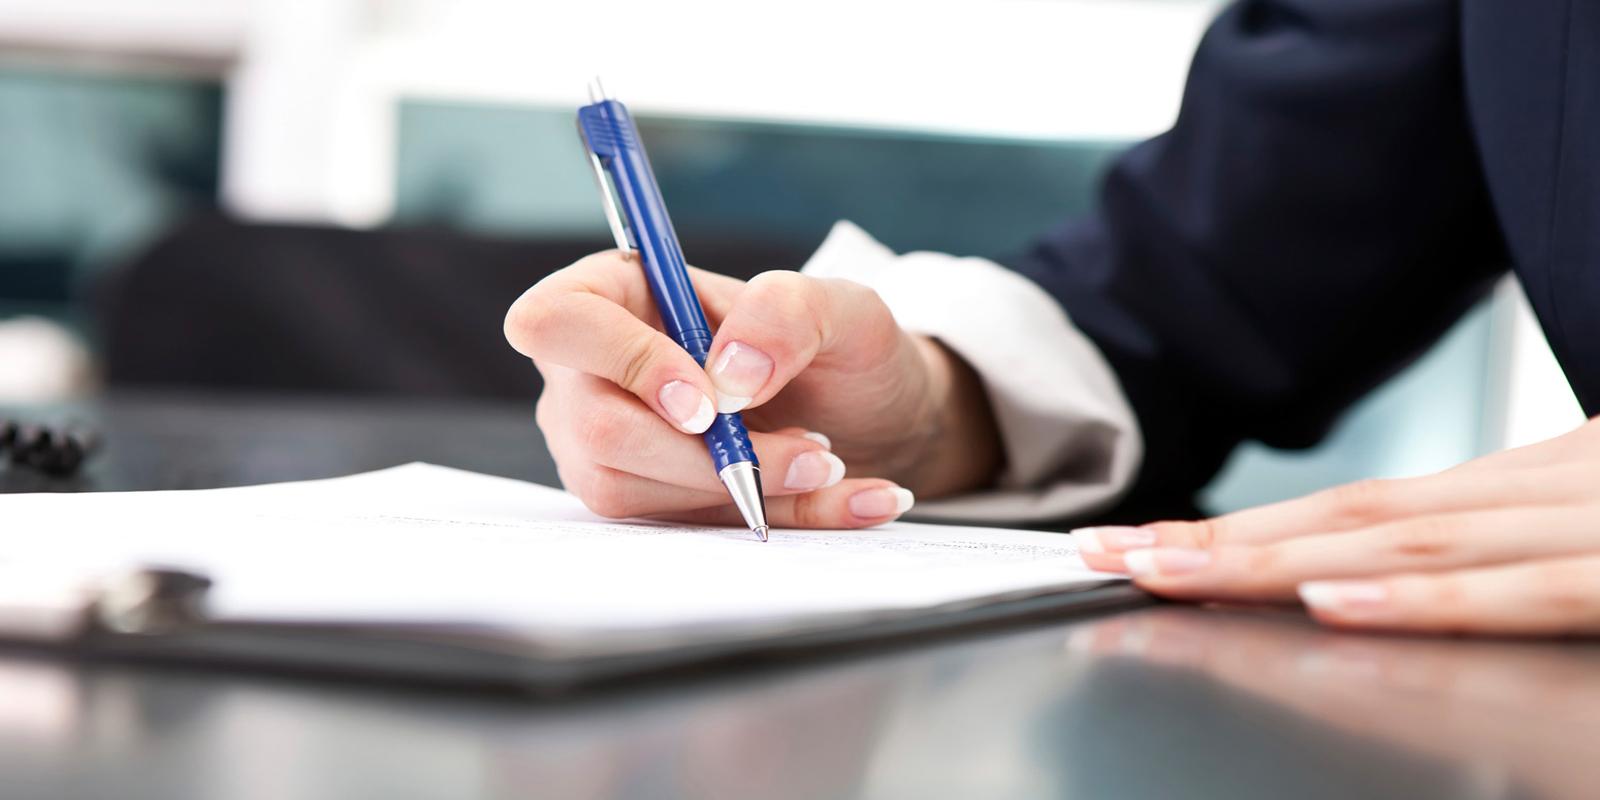 ثبت شرکت ، ثبت برند ، ثبت شرکت براتی اتباع خارجه ، کارت بازرگانی و کد اقتصادی (5)